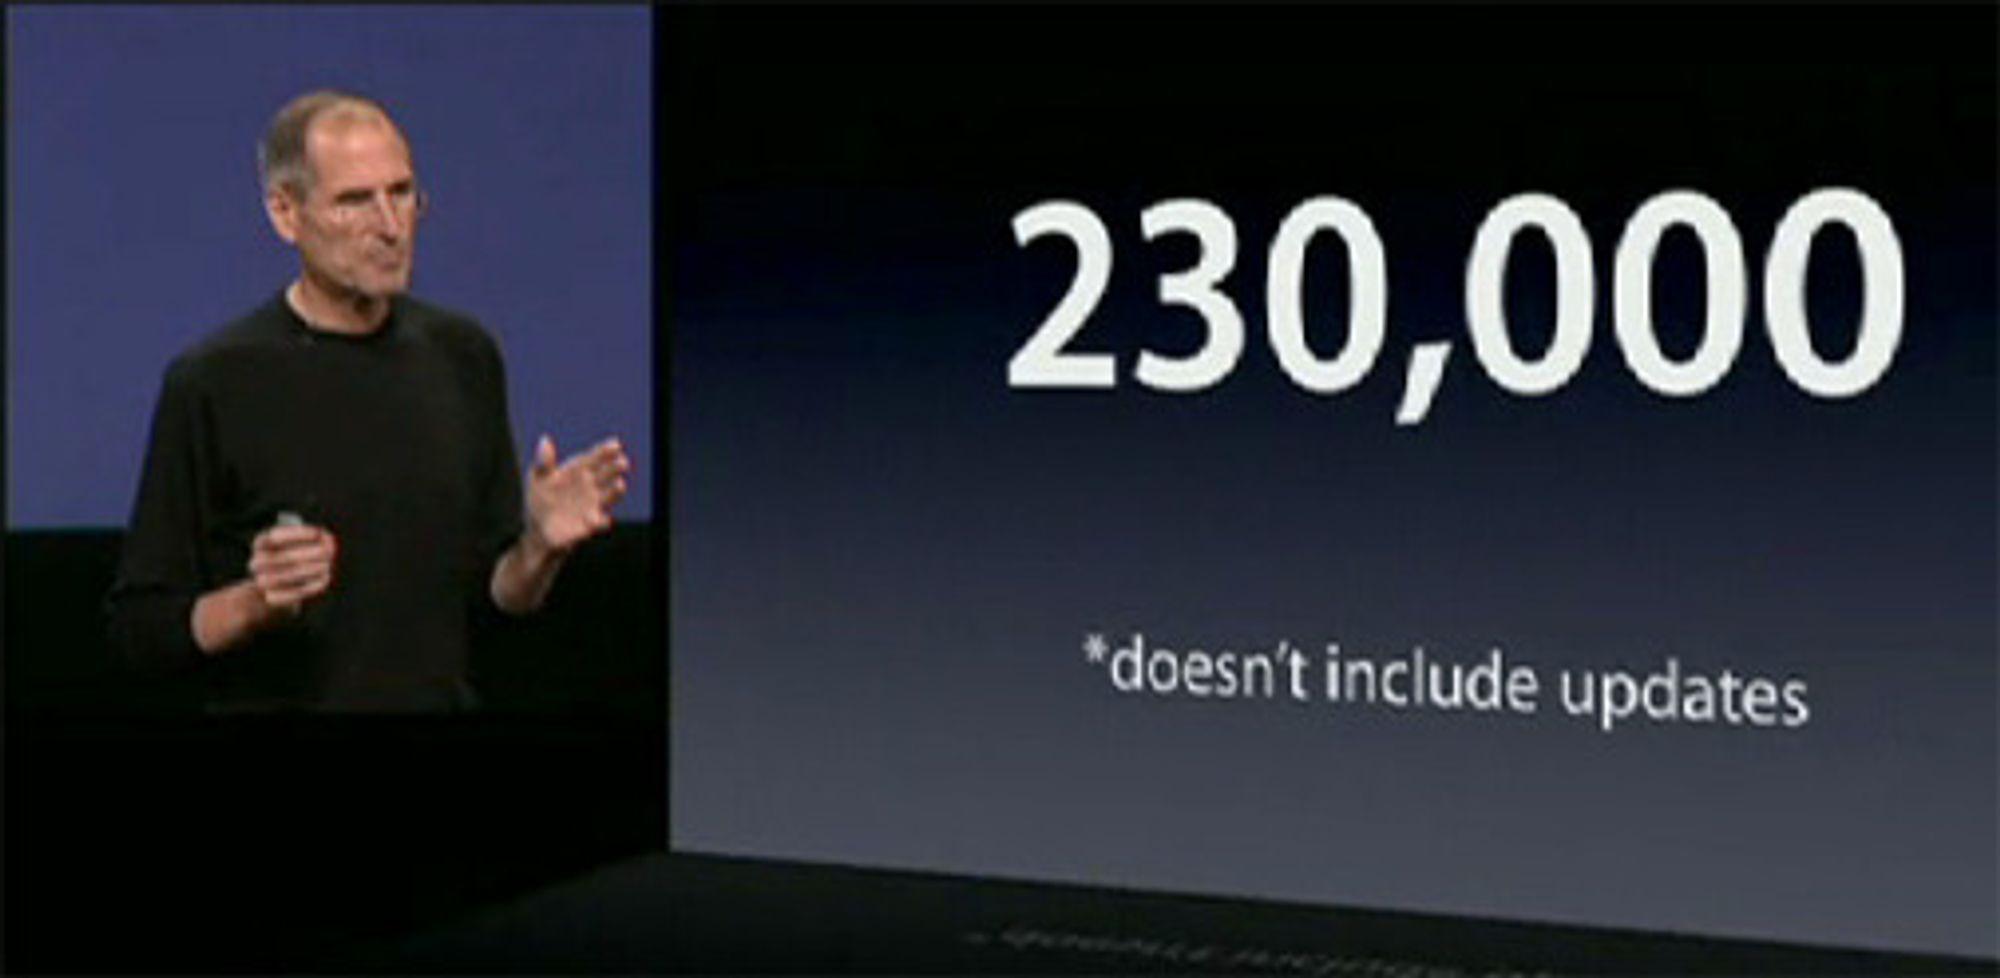 Trolig aktiveres det for tiden omtrent like mange iOS-enheter som Android-enheter hver dag.